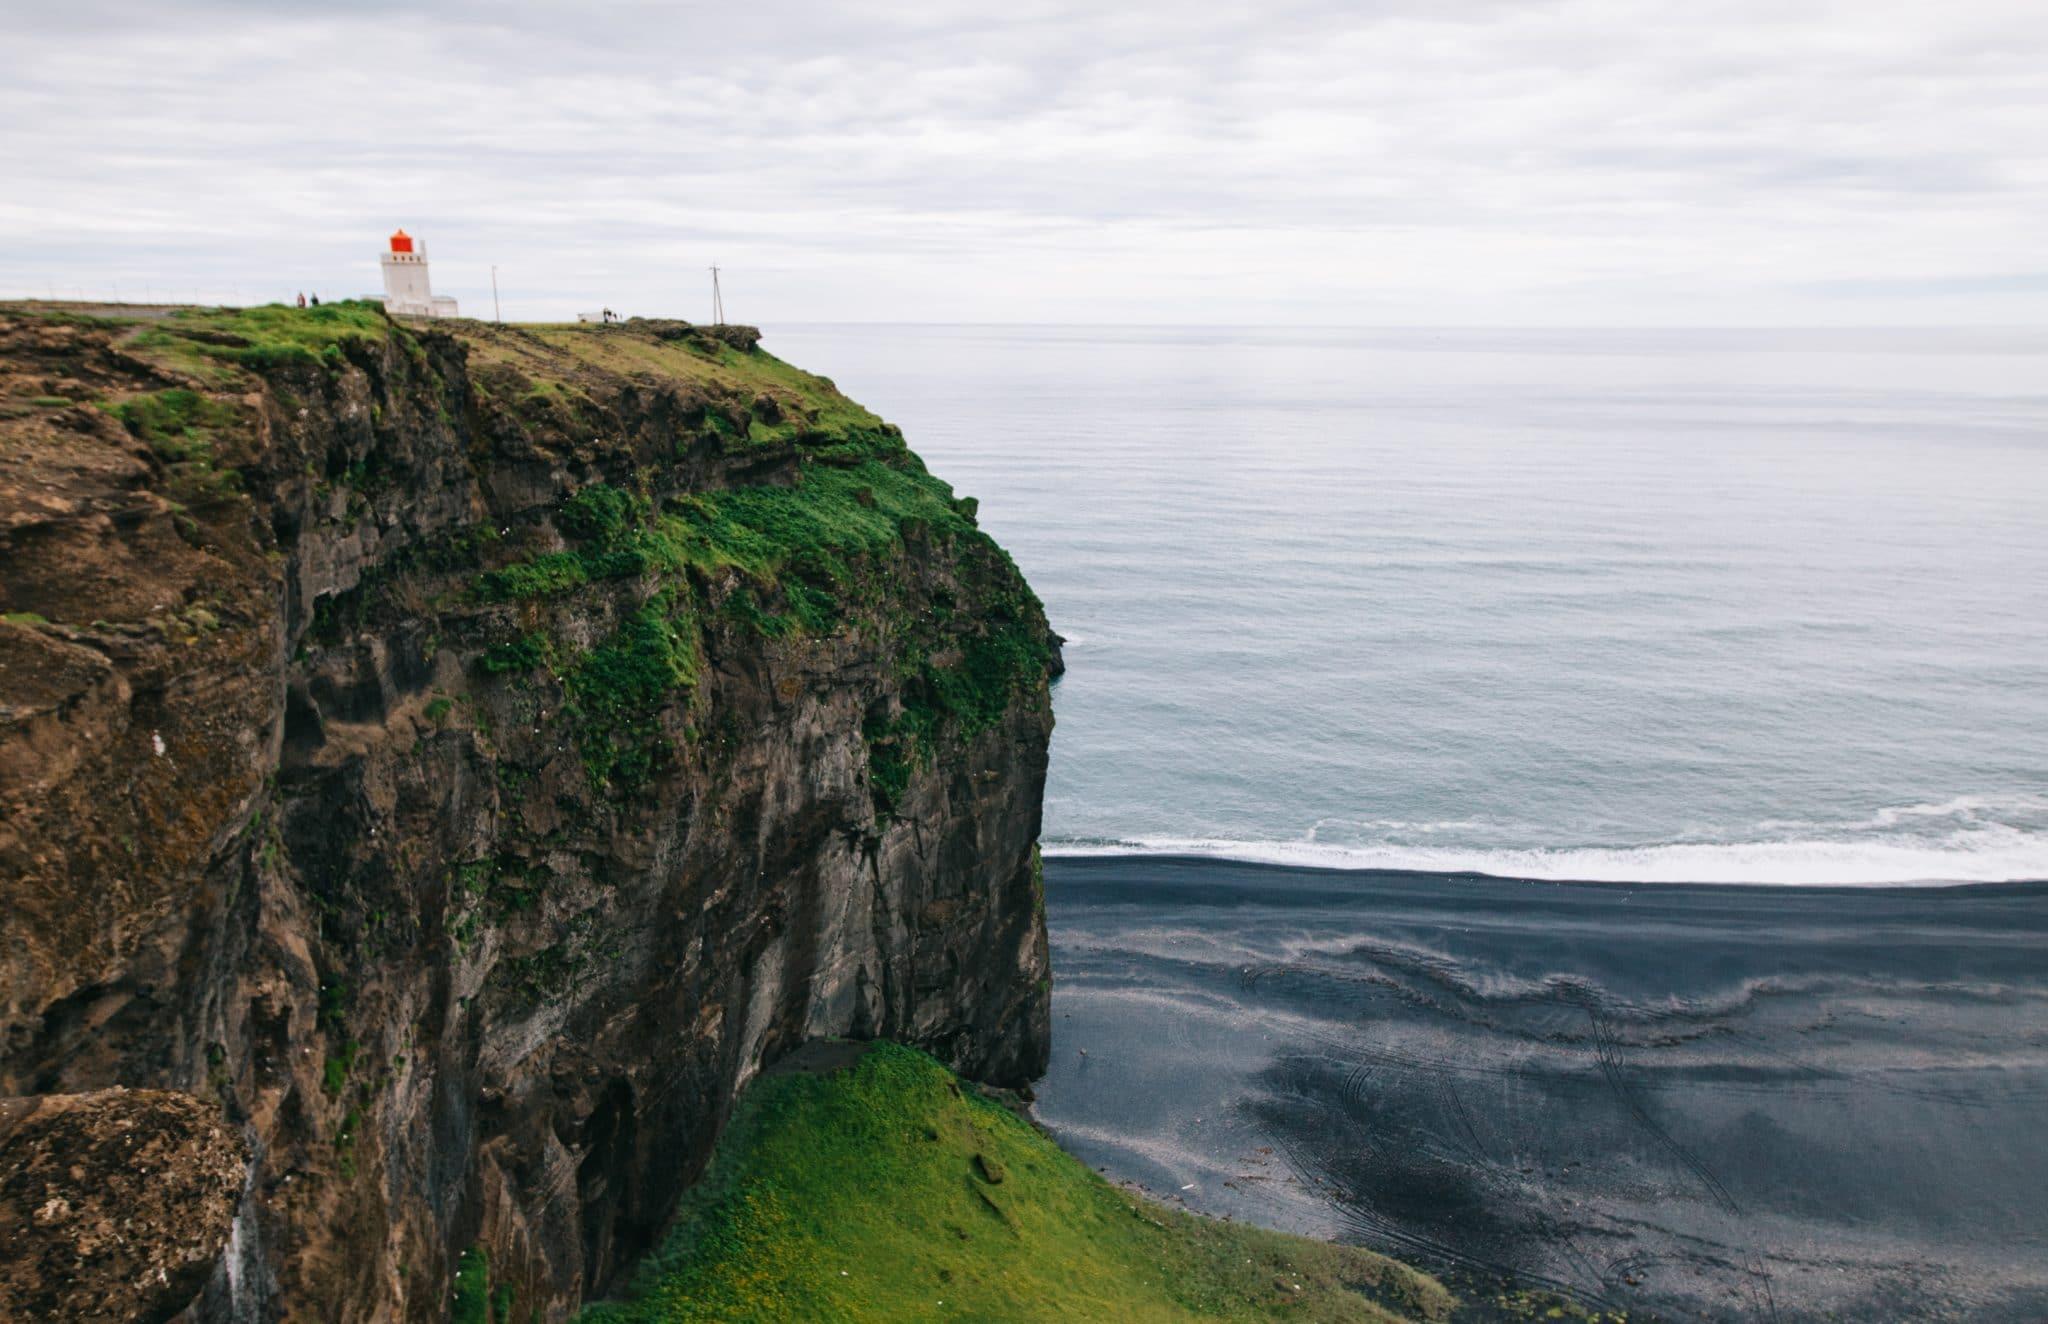 Islanti - Dyrhólaeyn ja Etelämantereen välissä